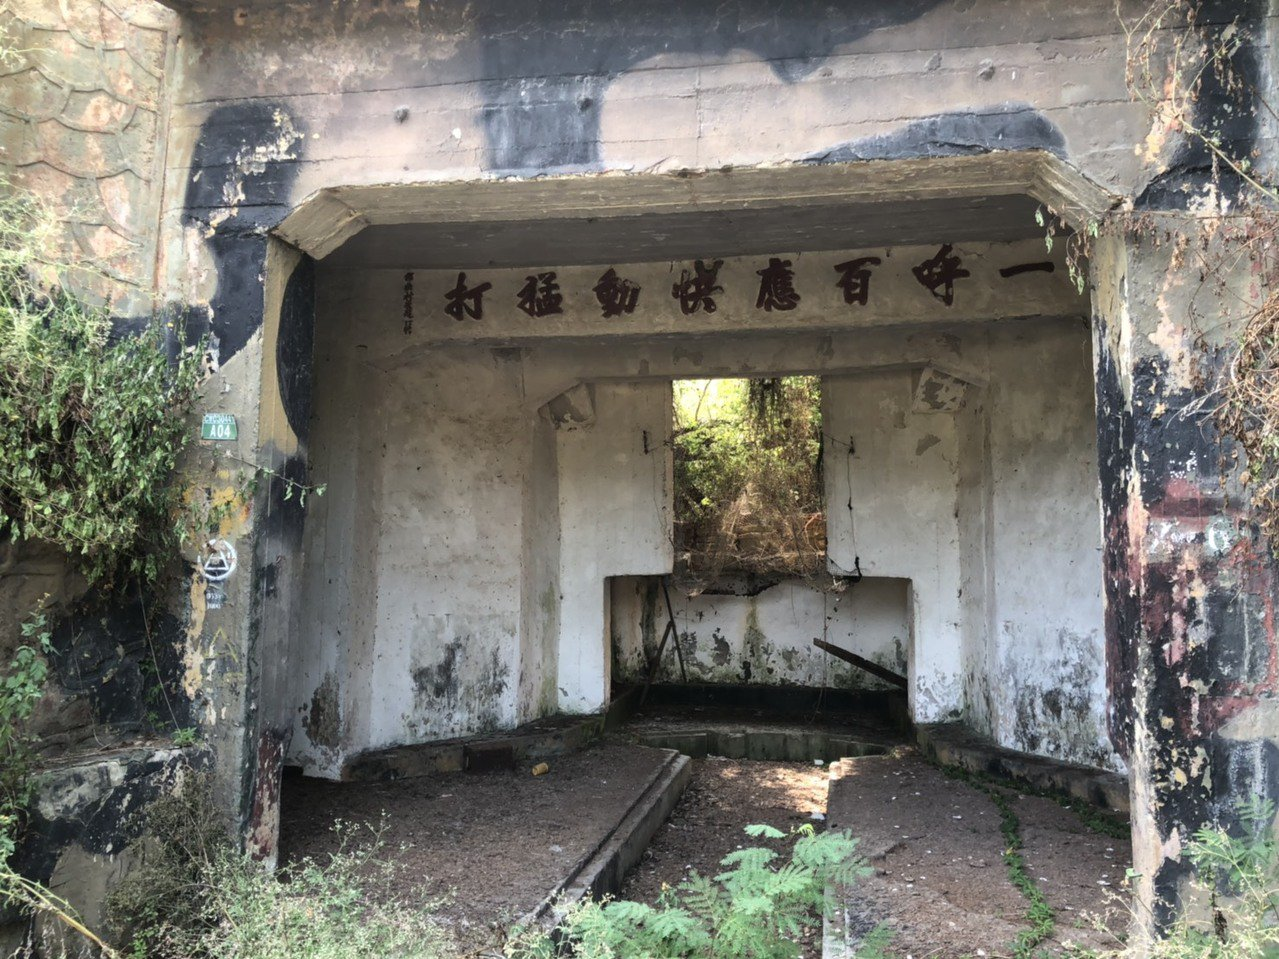 小古崗一營區的戰功碉堡,內也有「一呼百應 快動猛打」的精神標語。記者蔡家蓁/攝影